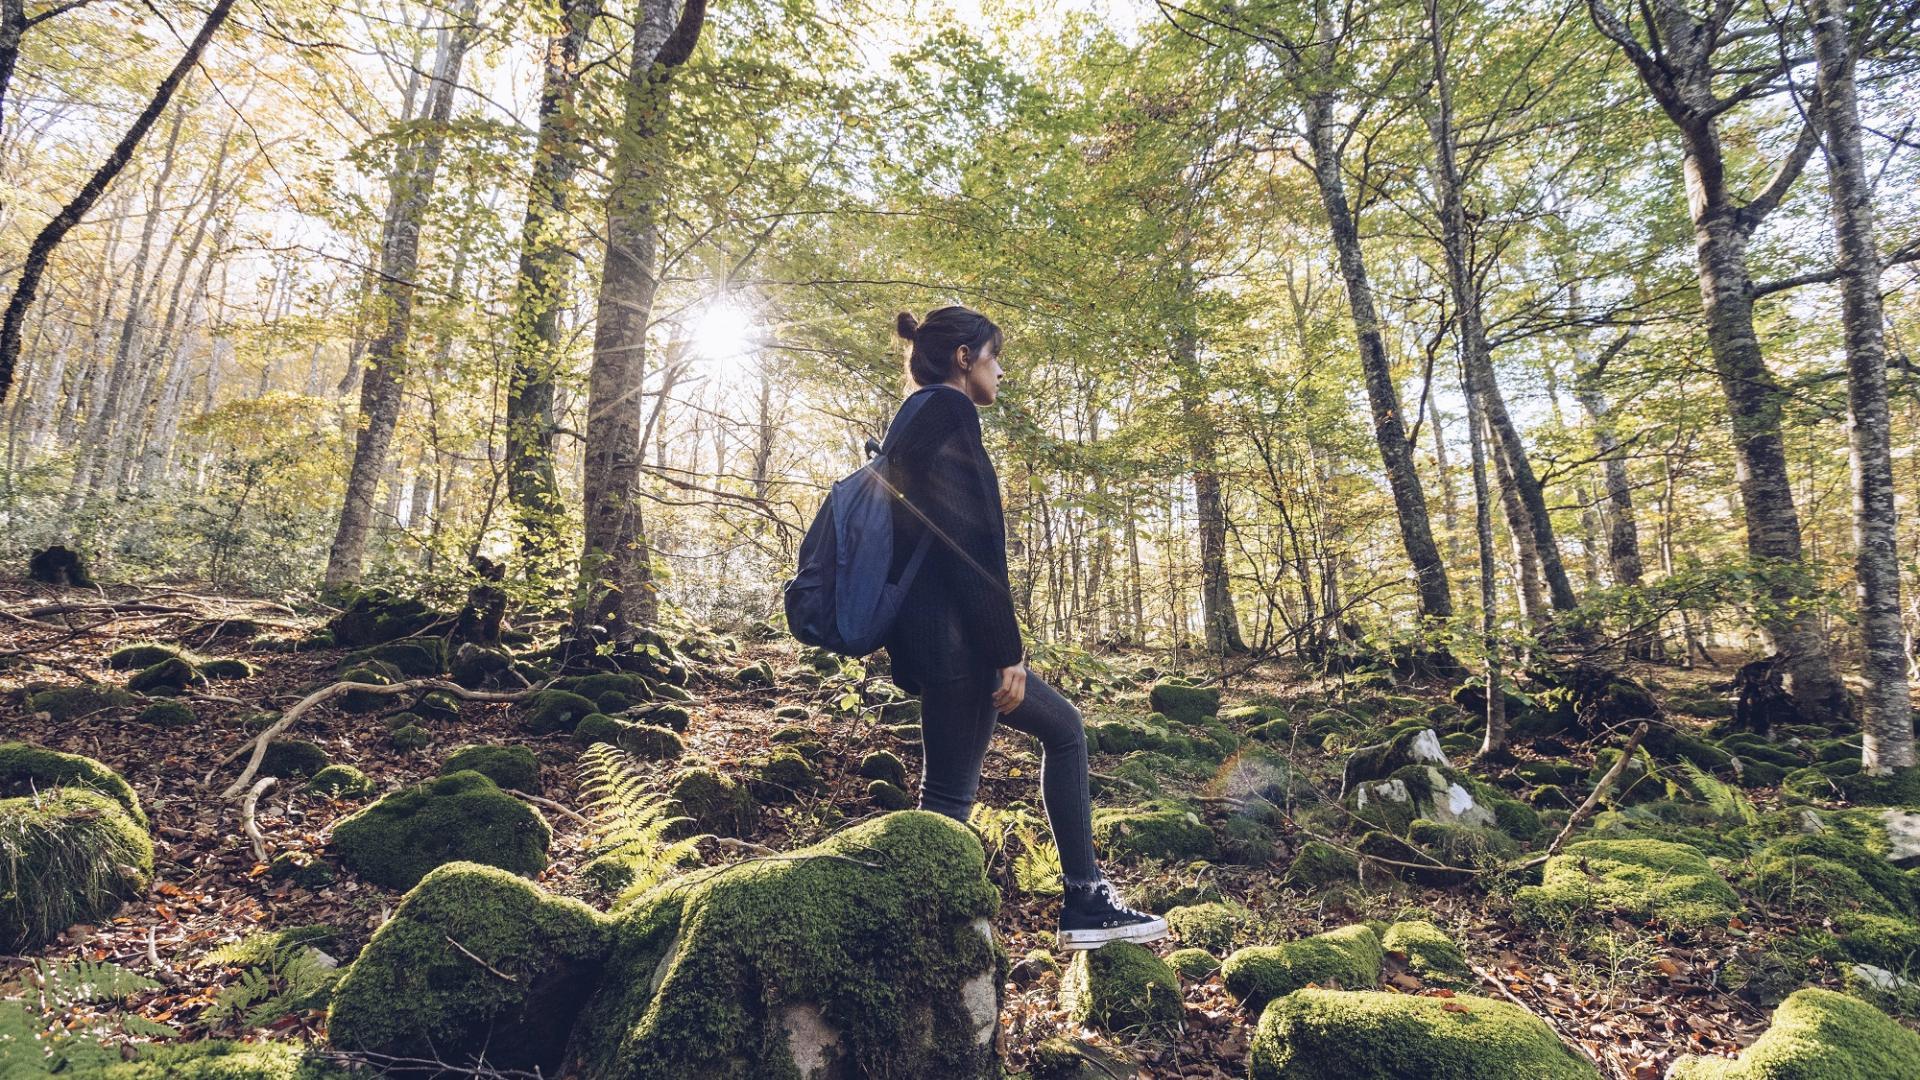 Frau Wald Spaziergang